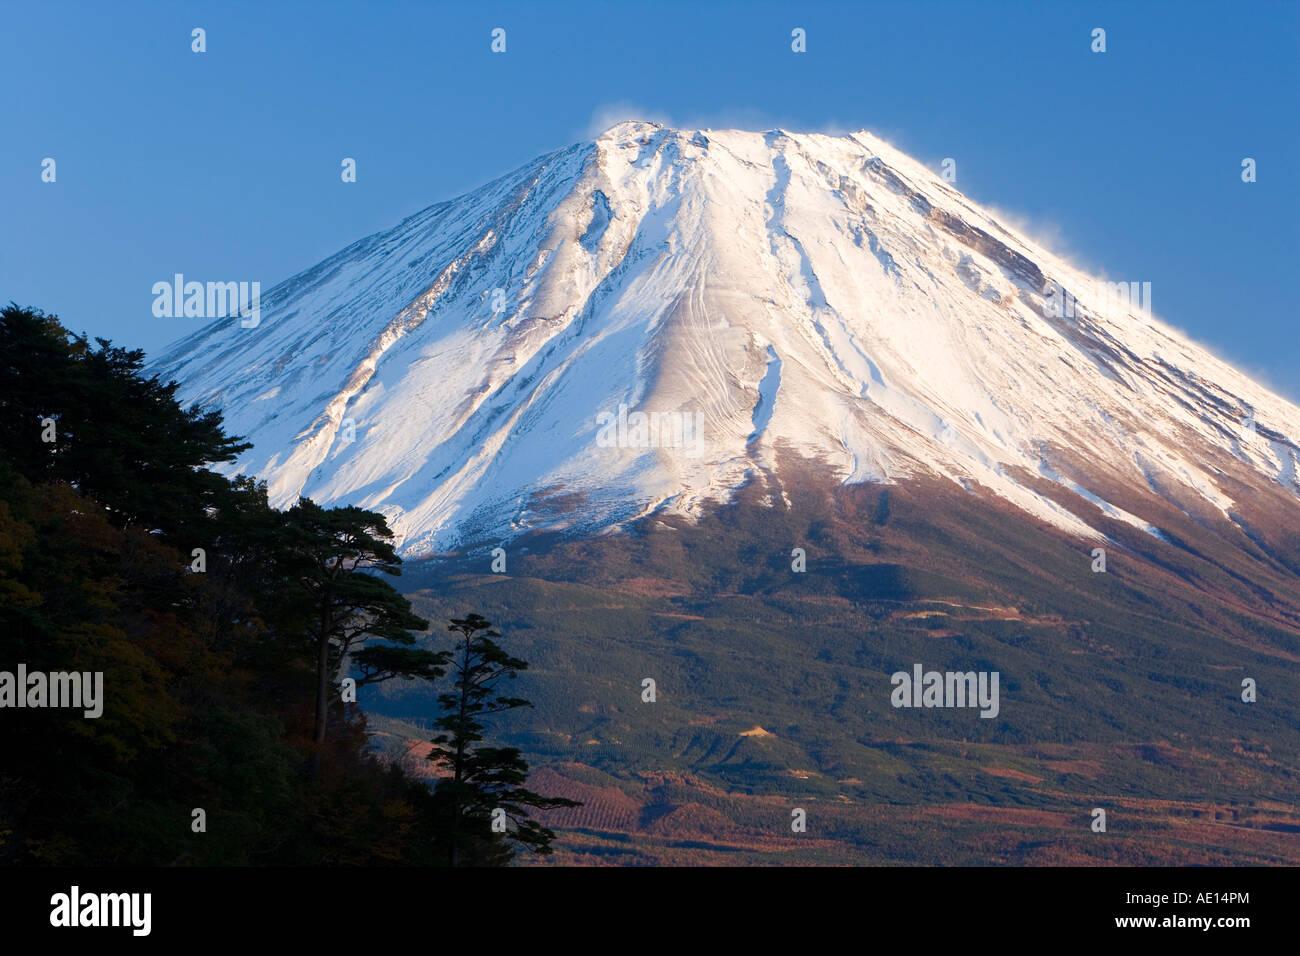 Giappone Honshu Fuji Hakone Izu Parco nazionale di Mount Fuji 3776m innevata e vista sul lago Shoji ko al Fuji andare Foto Stock